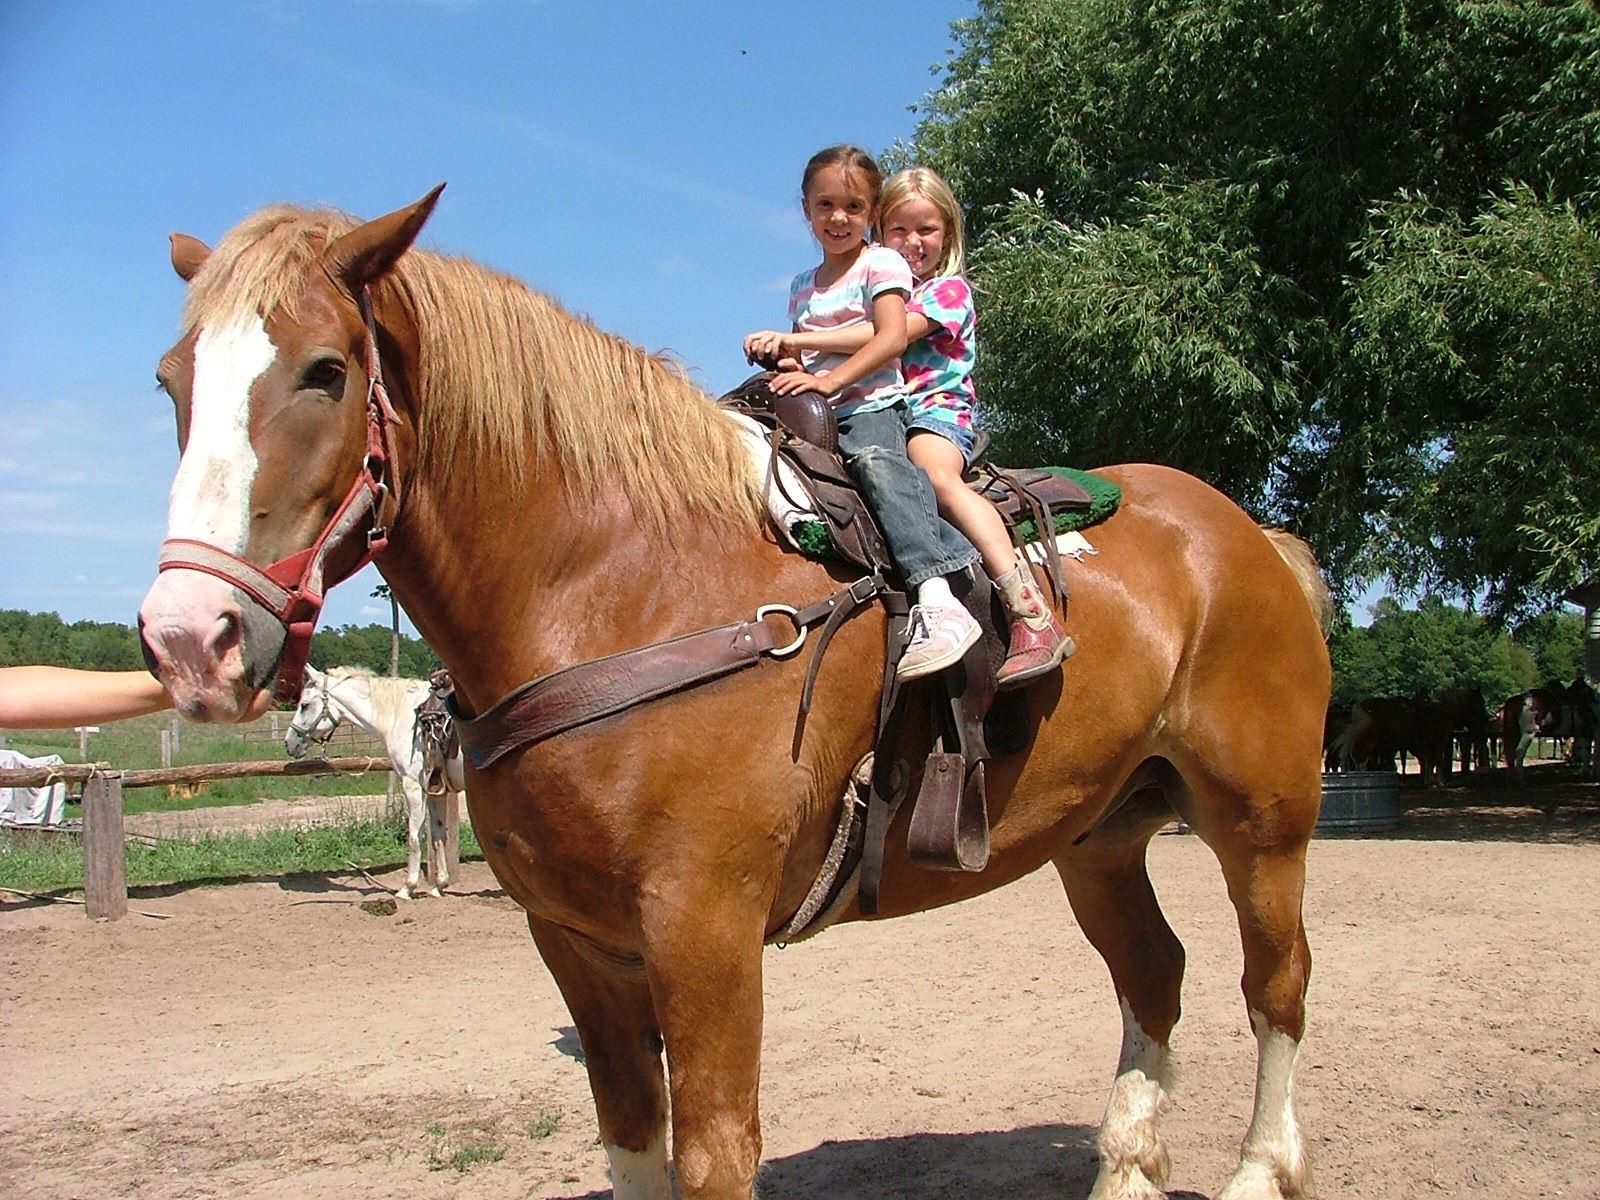 Saddle Up 4 Horseback Riding Hot Spots